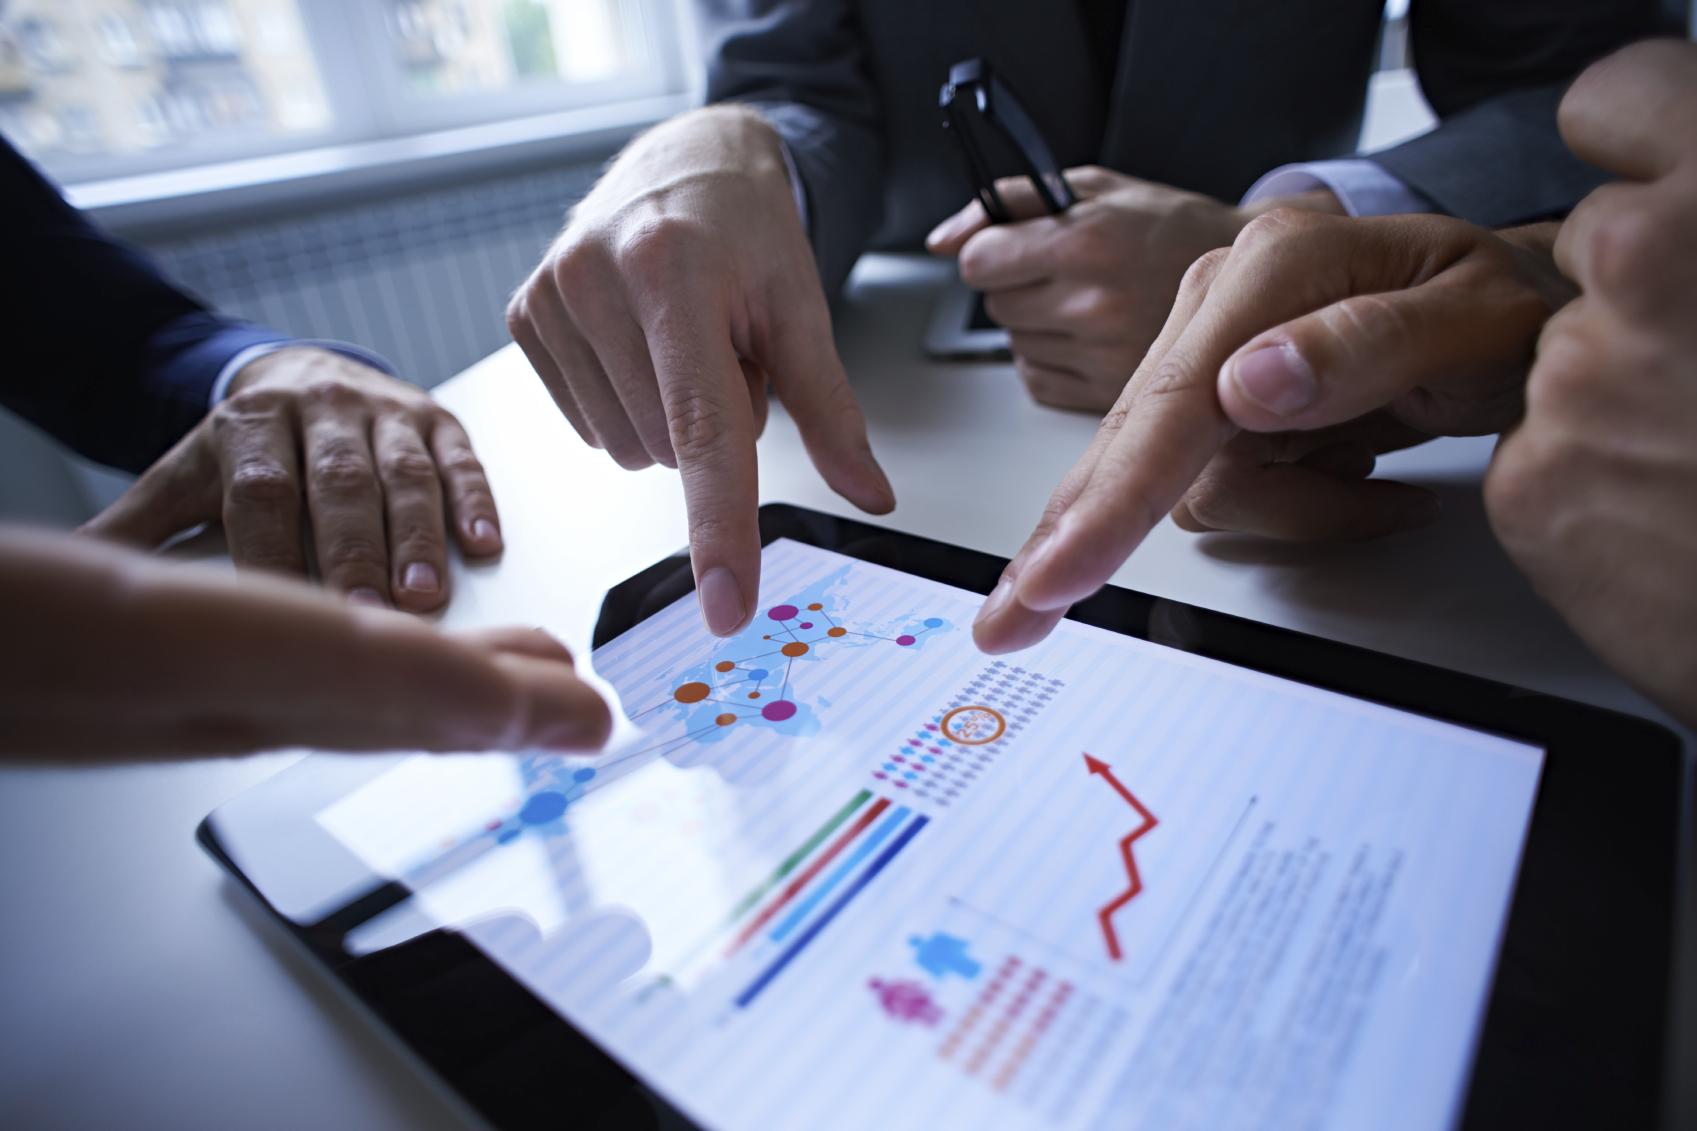 Com SAP Business One para PMEs, permite você informatizar todos seus processos